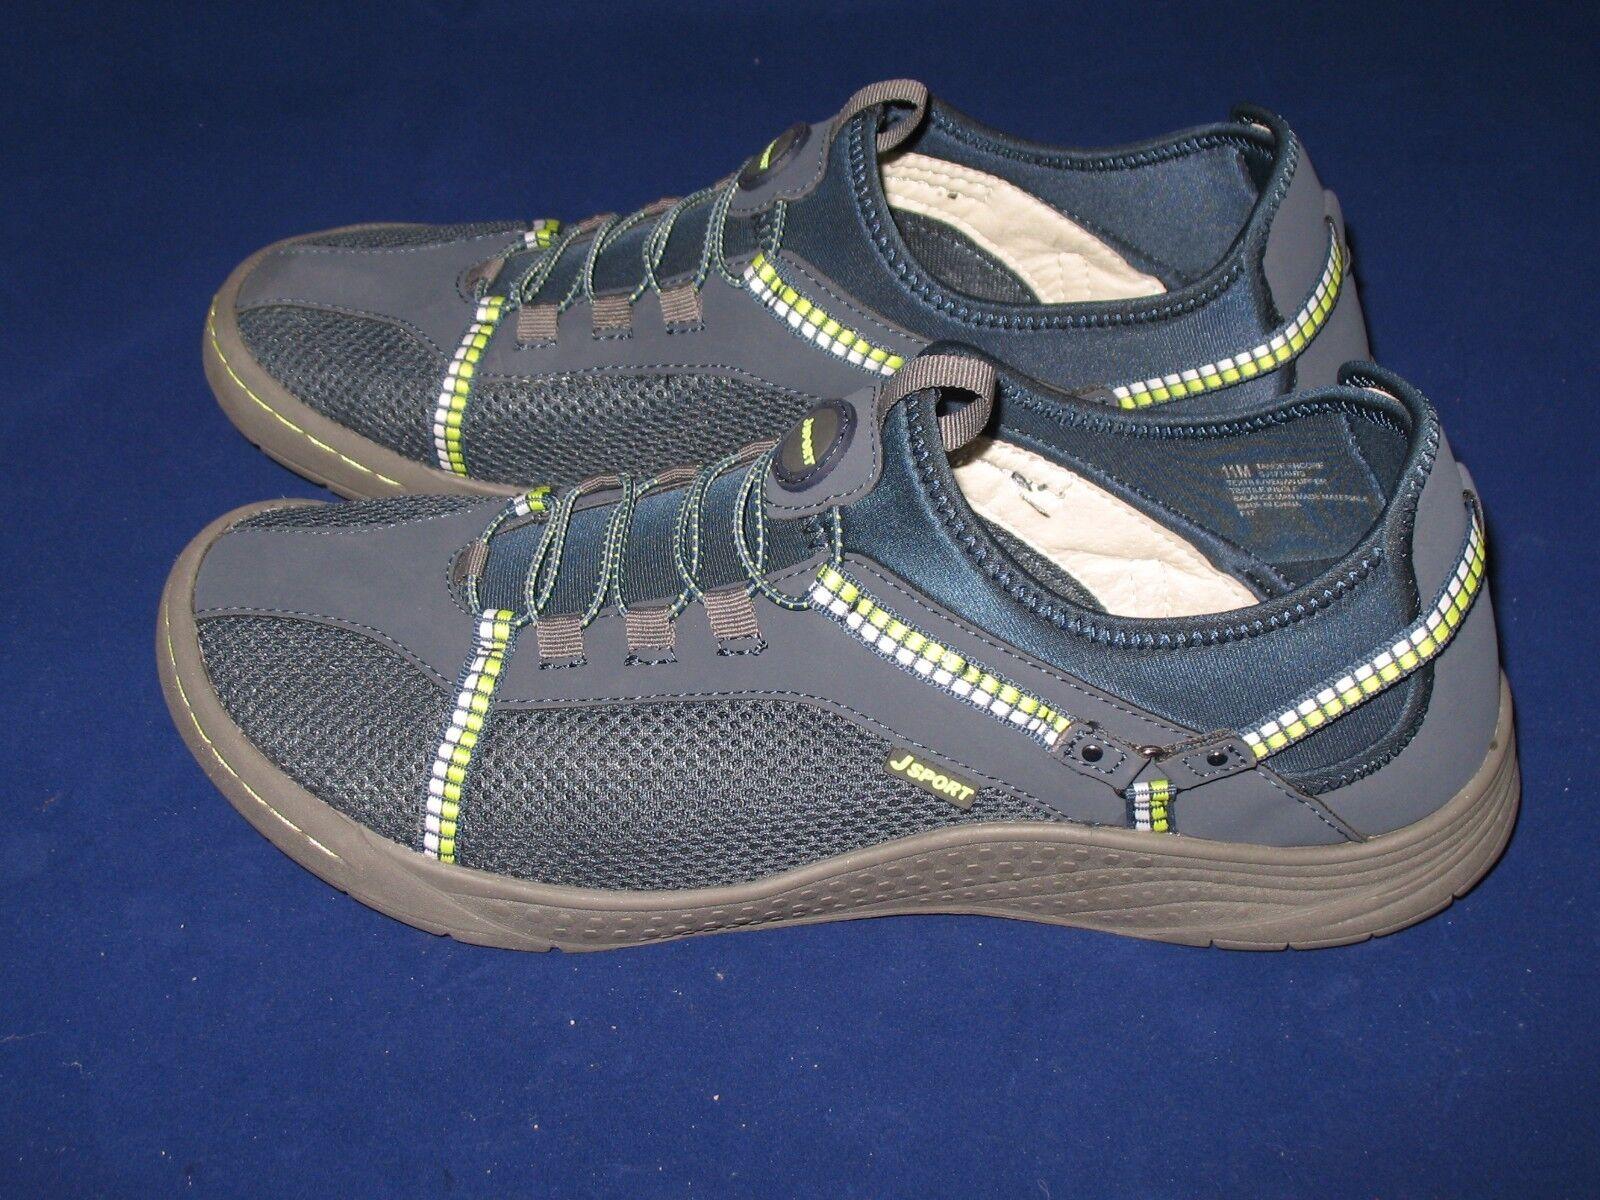 Jsport por Jambu Para Mujer Zapatos Zapatos Zapatos Para Caminar Tahoe Encore Azul Marino Kiwi Talla 11 M US  Ahorre hasta un 70% de descuento.